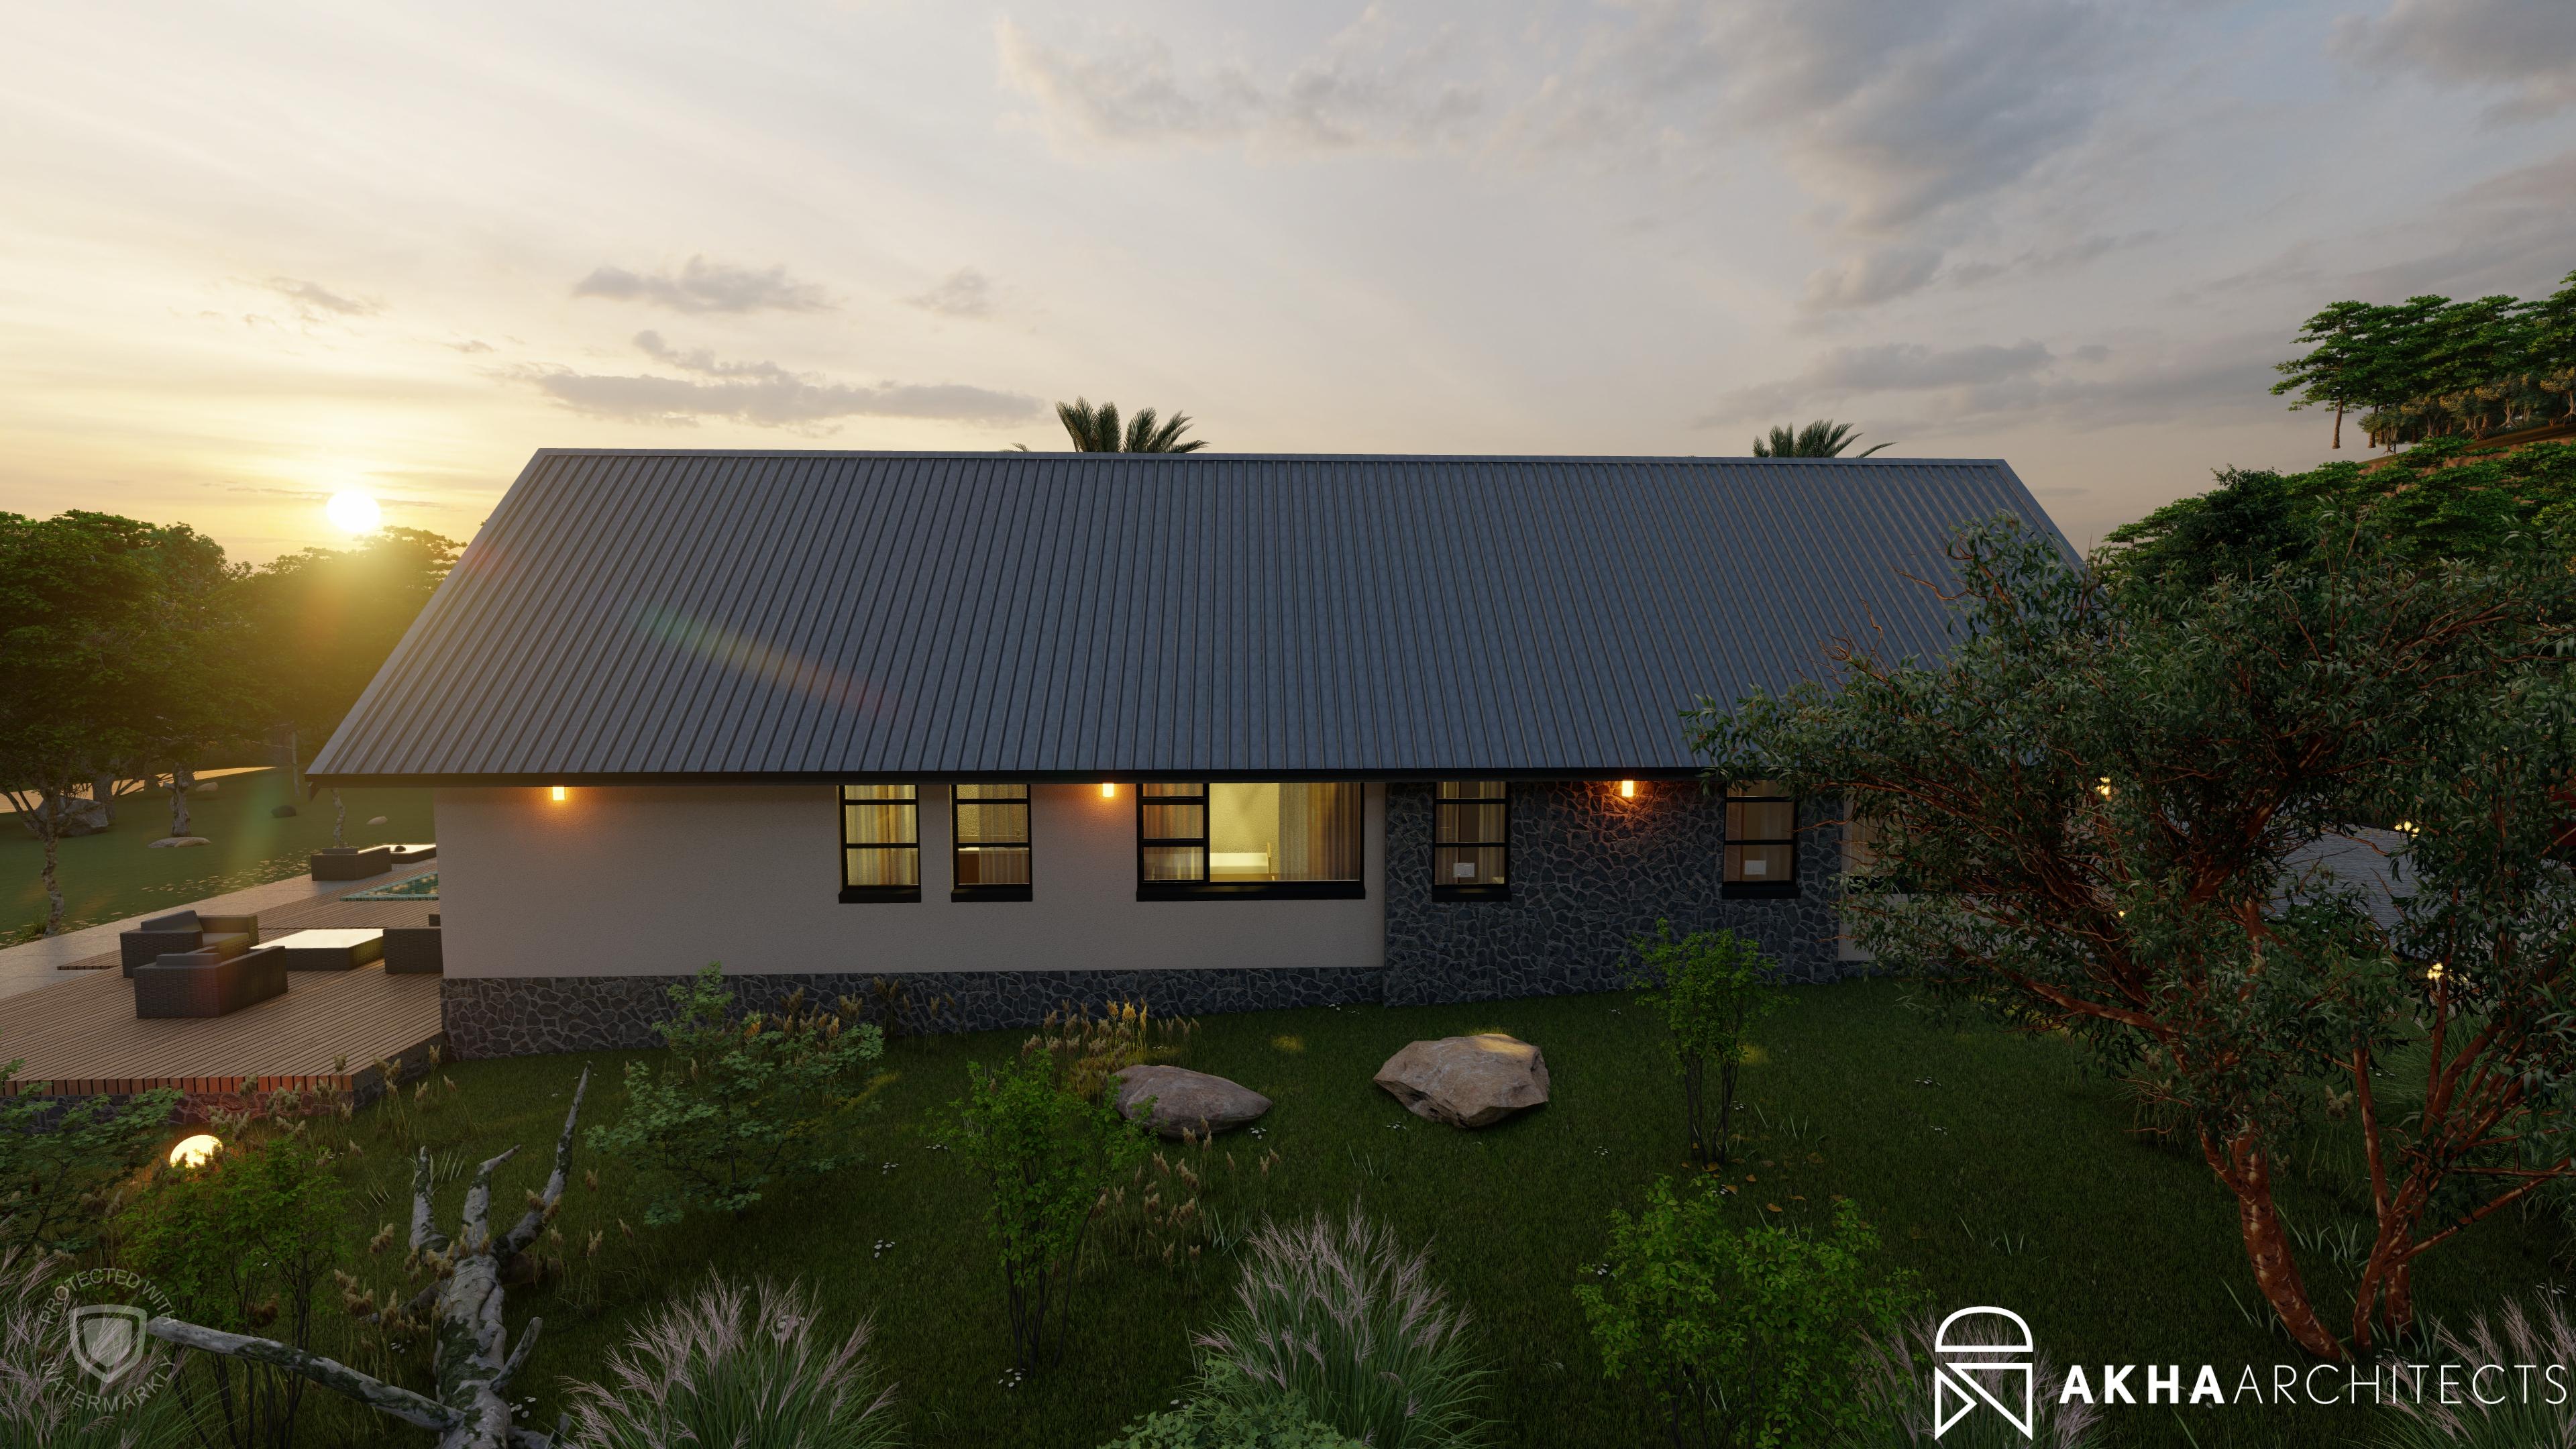 MUGWENI FARM HOUSE, ZIMBABWE